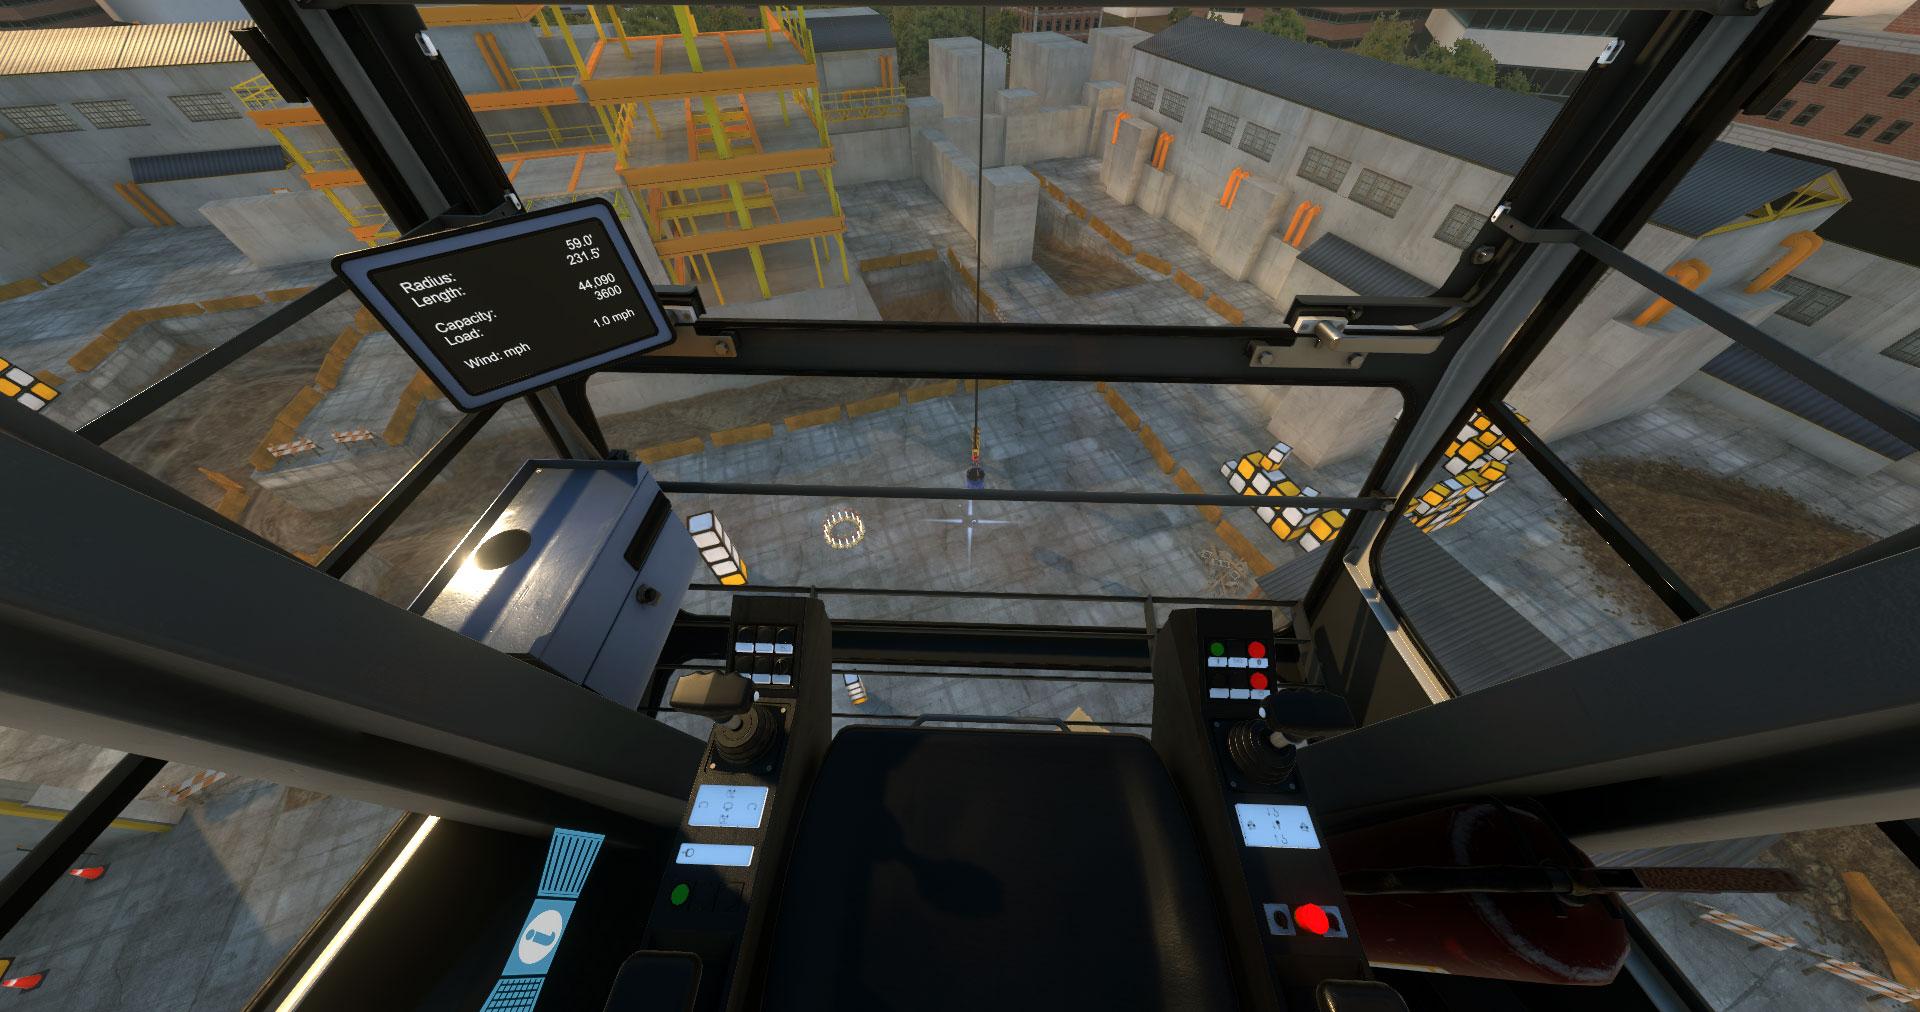 VR-Tower-Crane-Slide-1280px-03.jpg